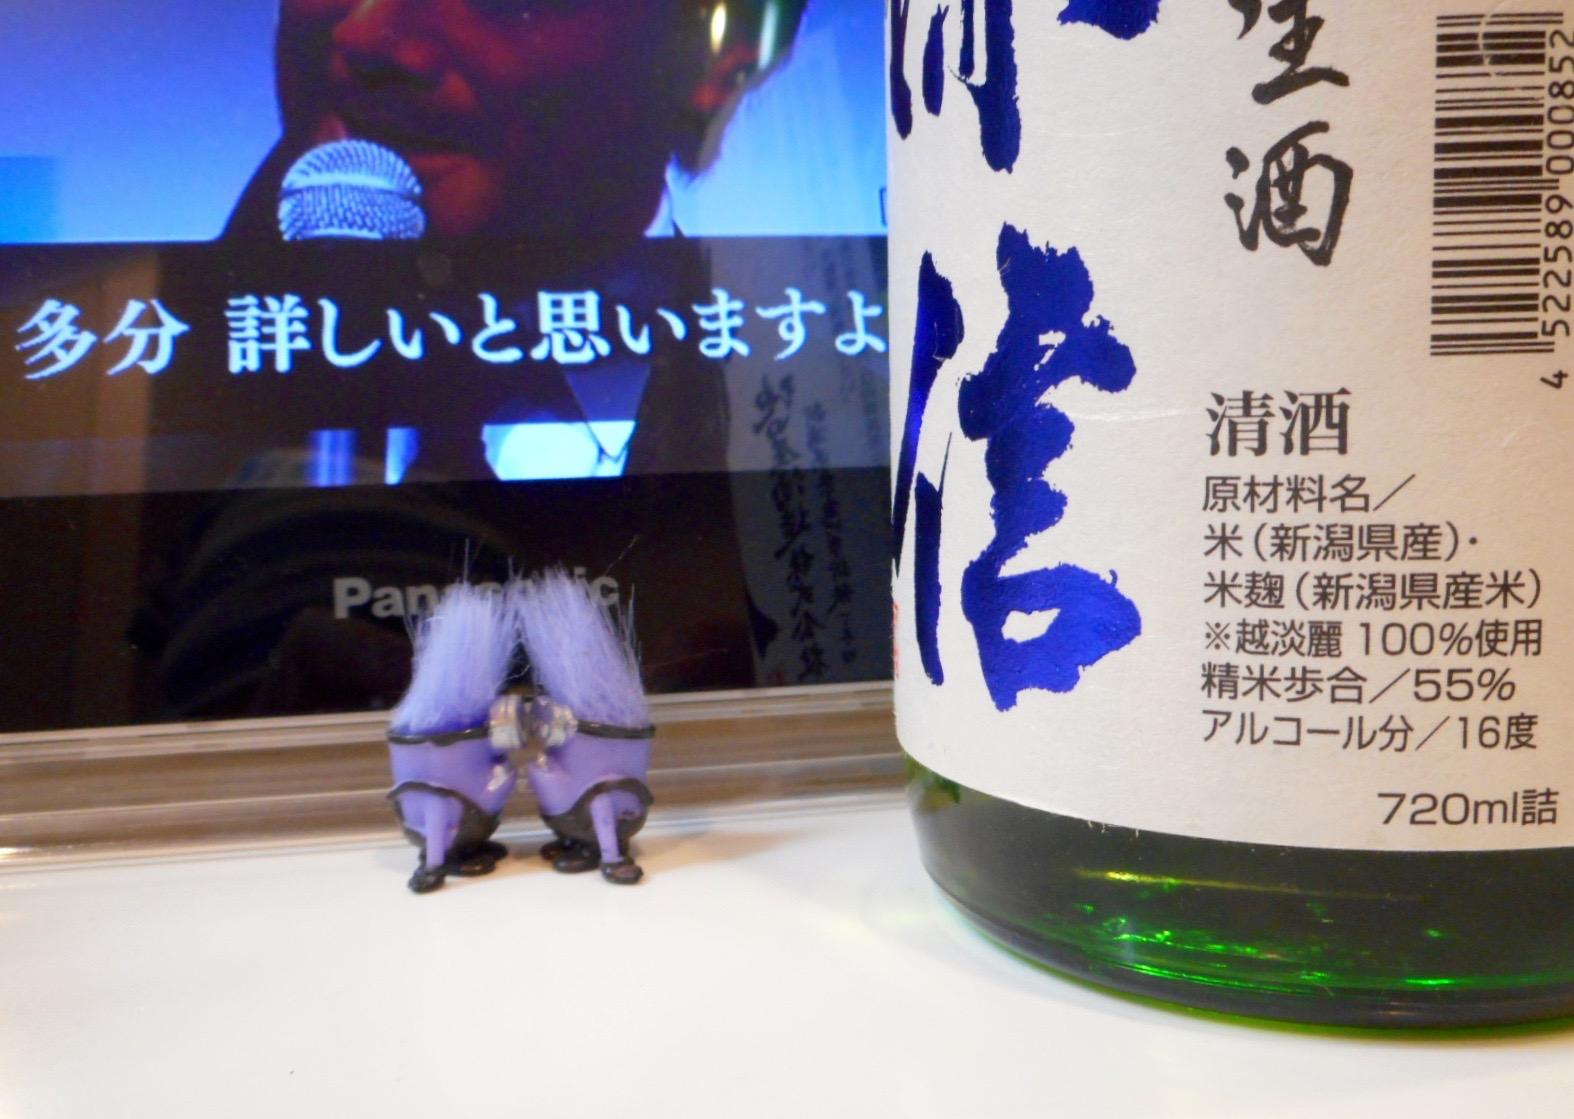 kenshin_koshitanrei2.jpg